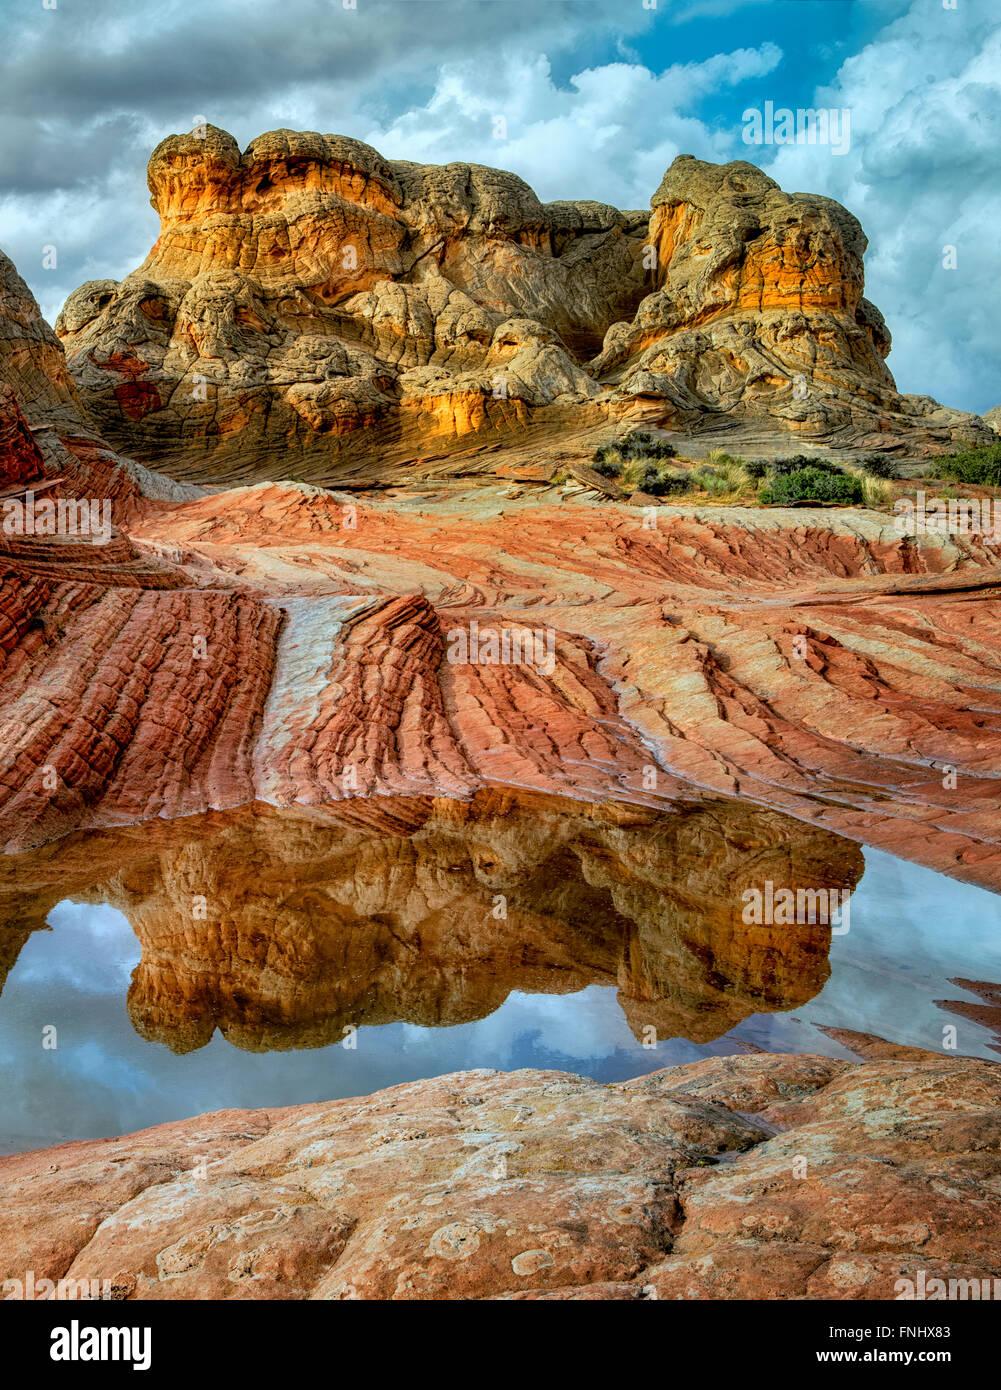 Weiße Tasche mit Regen-Wasser-Pools. Vermilion Cliffs National Monument, Arizona Stockbild